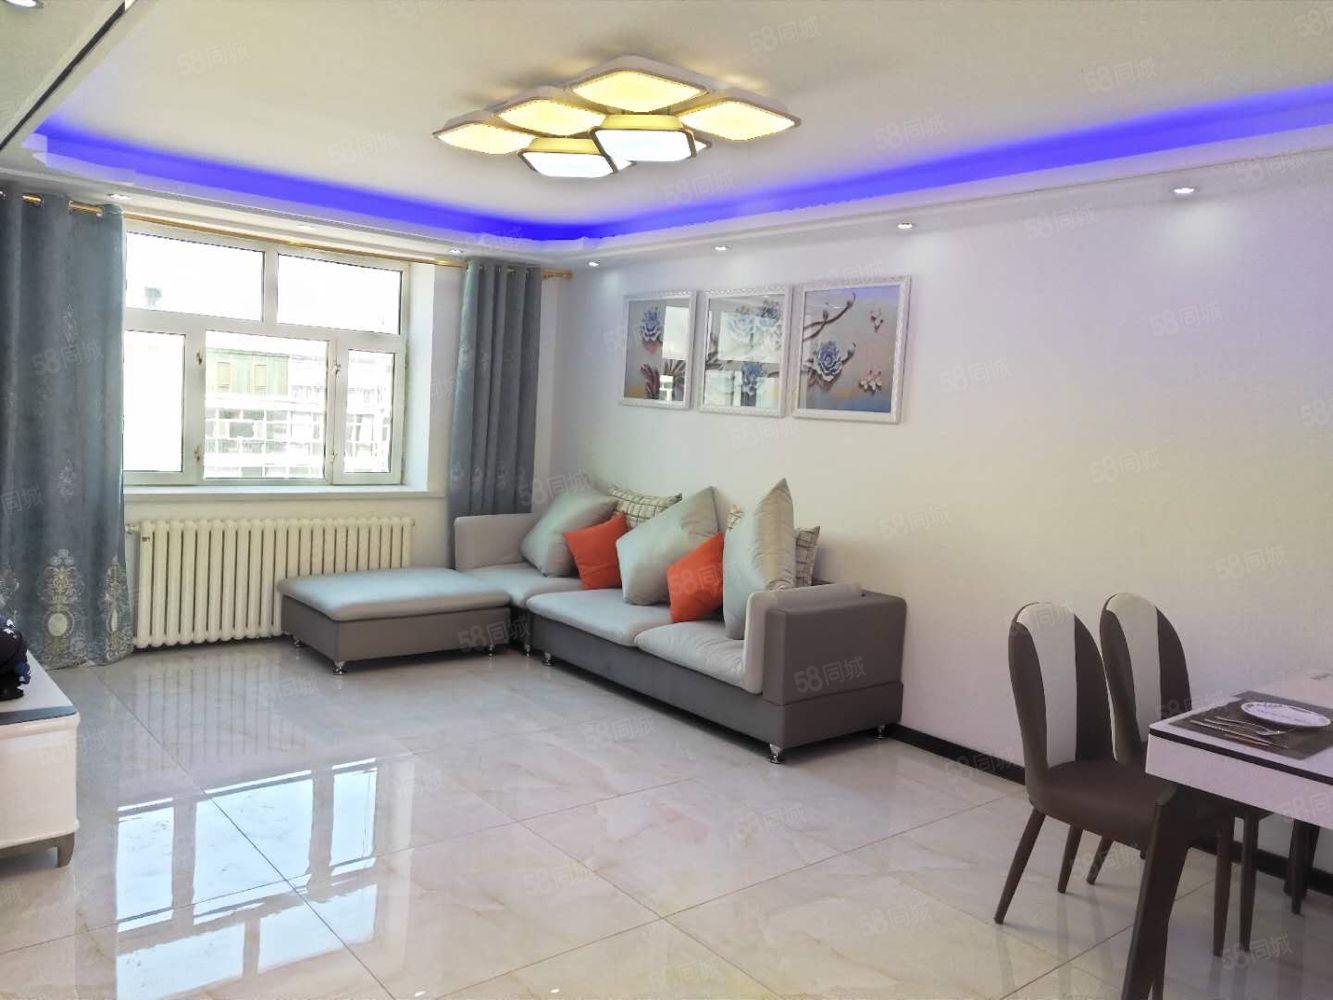 北疆雅苑教委楼正6楼89.5米精装2室一厅南北通透